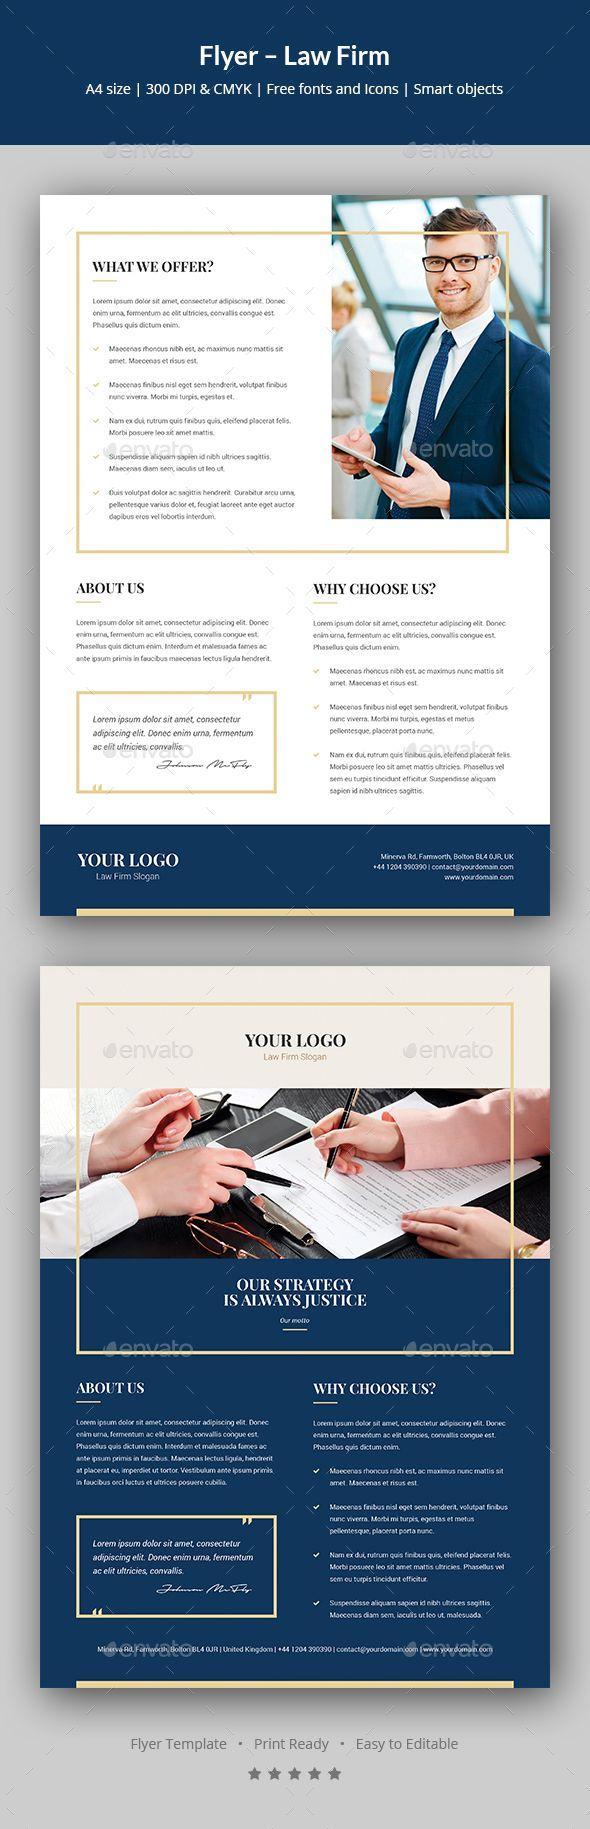 Flyer u2013 Law Firm Flyer u2013 Law